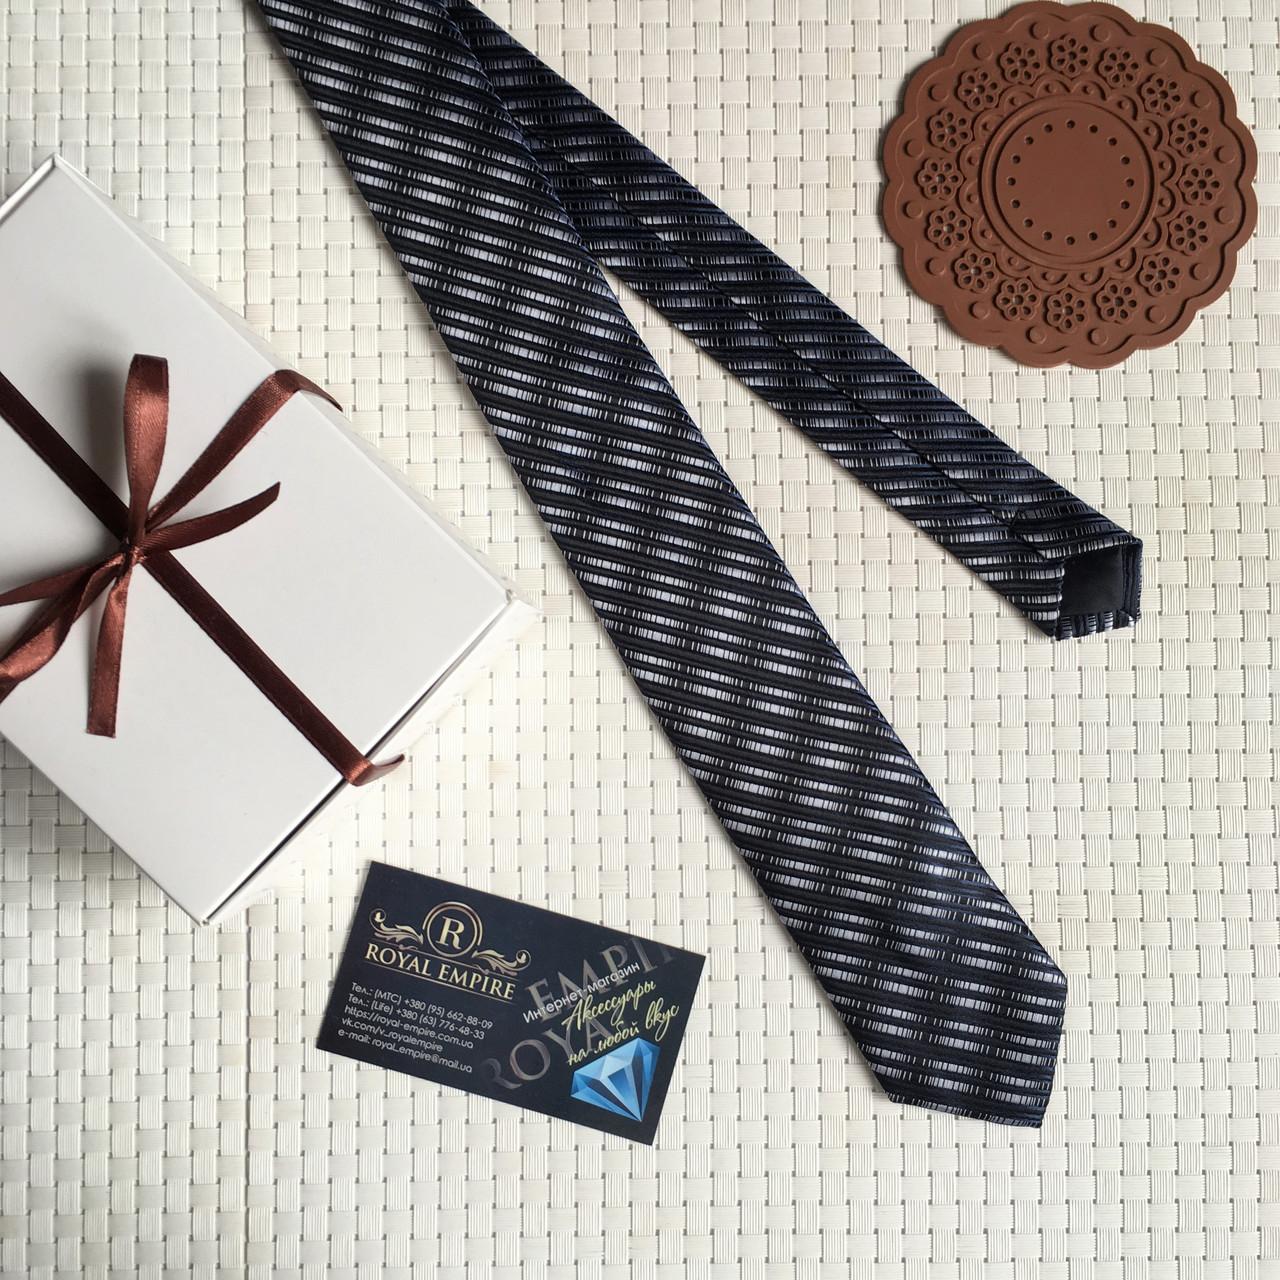 """Узкий галстук """"Михель хамелеон"""" темно-синий, в подарочной коробке. Roberto Gabbanni"""